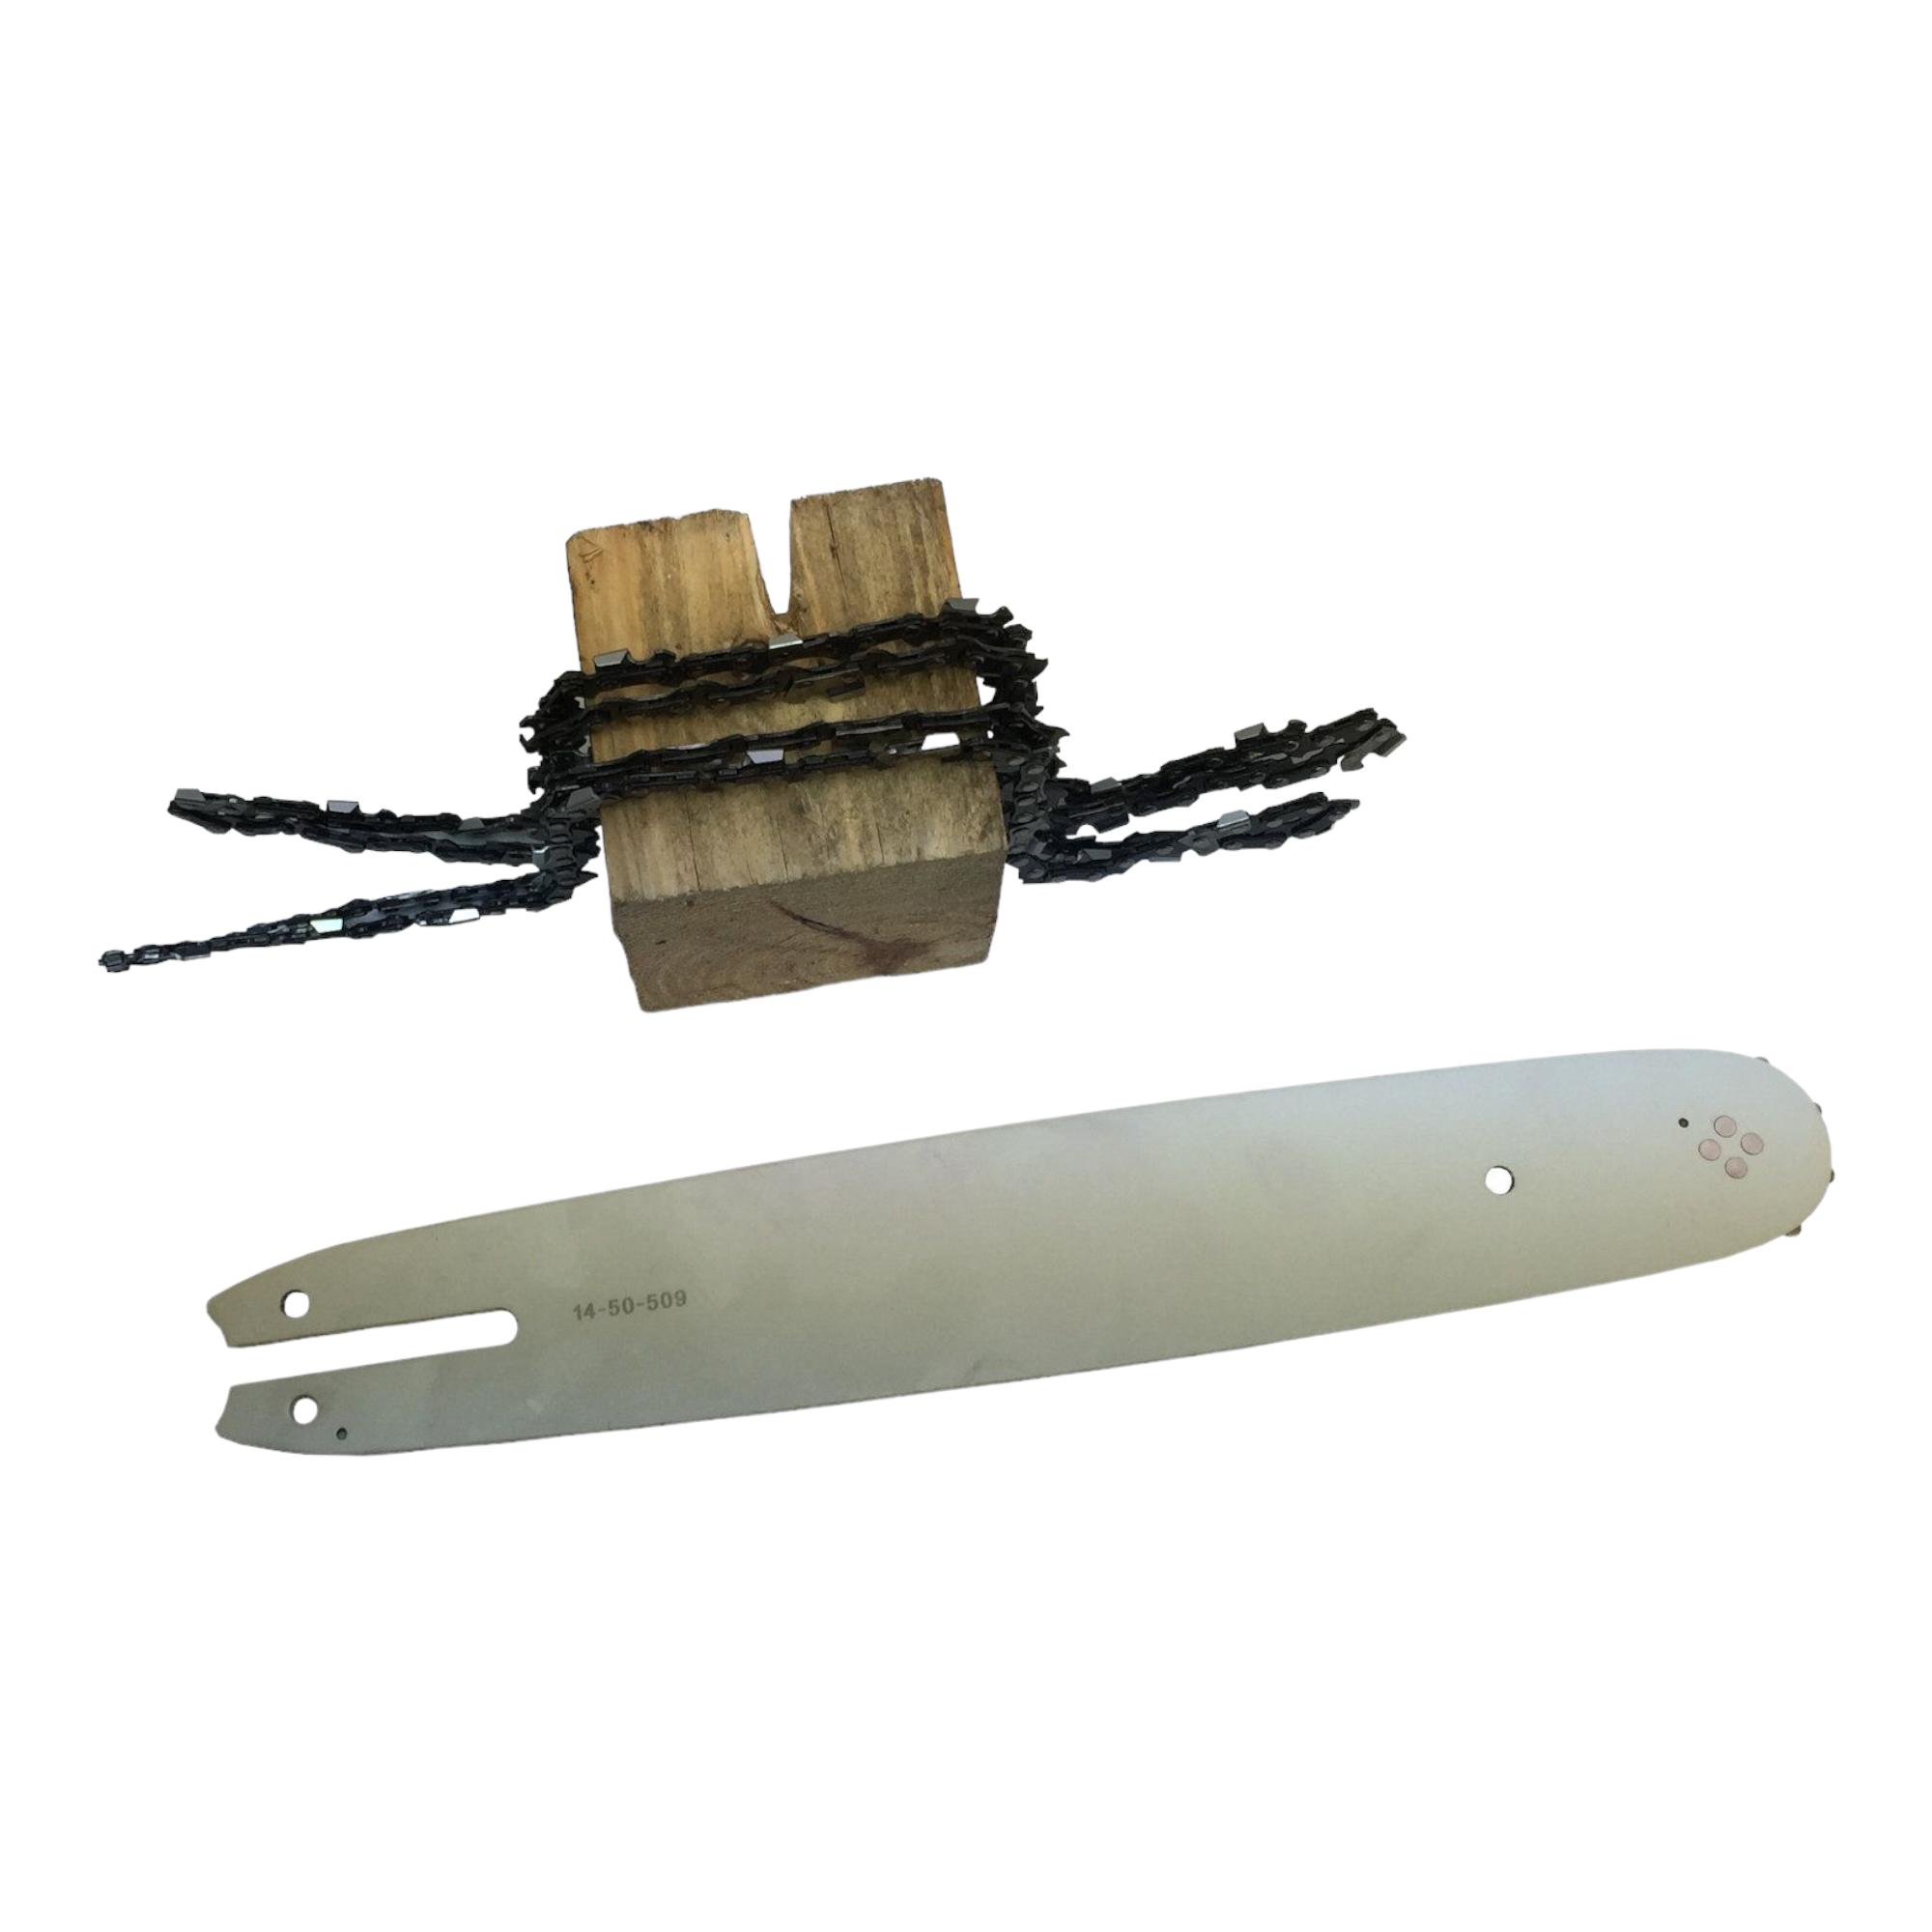 Schwert passend Garden GD3640cm 3//8LP 56TG 1,3mm 2 Sägeketten